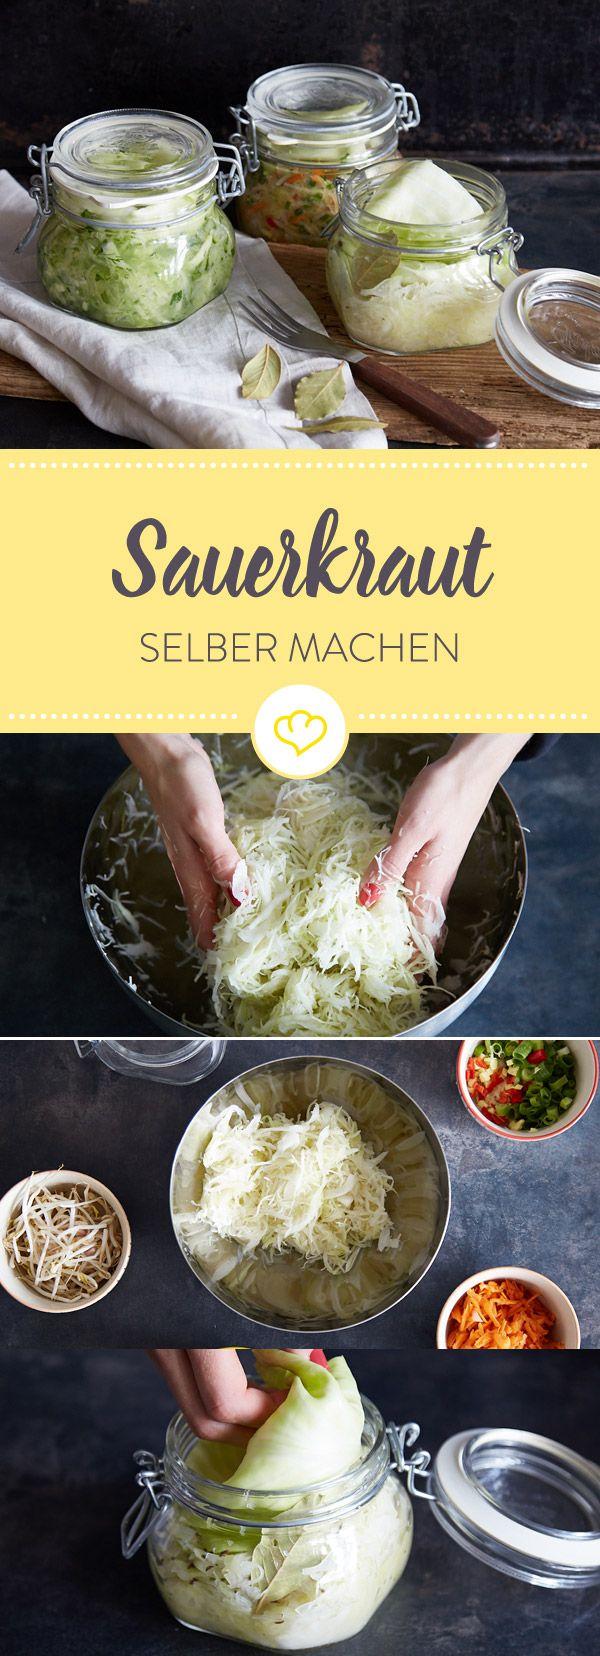 Selbstgemacht schmeckt´s doch am besten! Hier erfährst du, wie du Sauerkraut ganz einfach selber machst - entweder klassisch oder mal etwas ausgefallener...